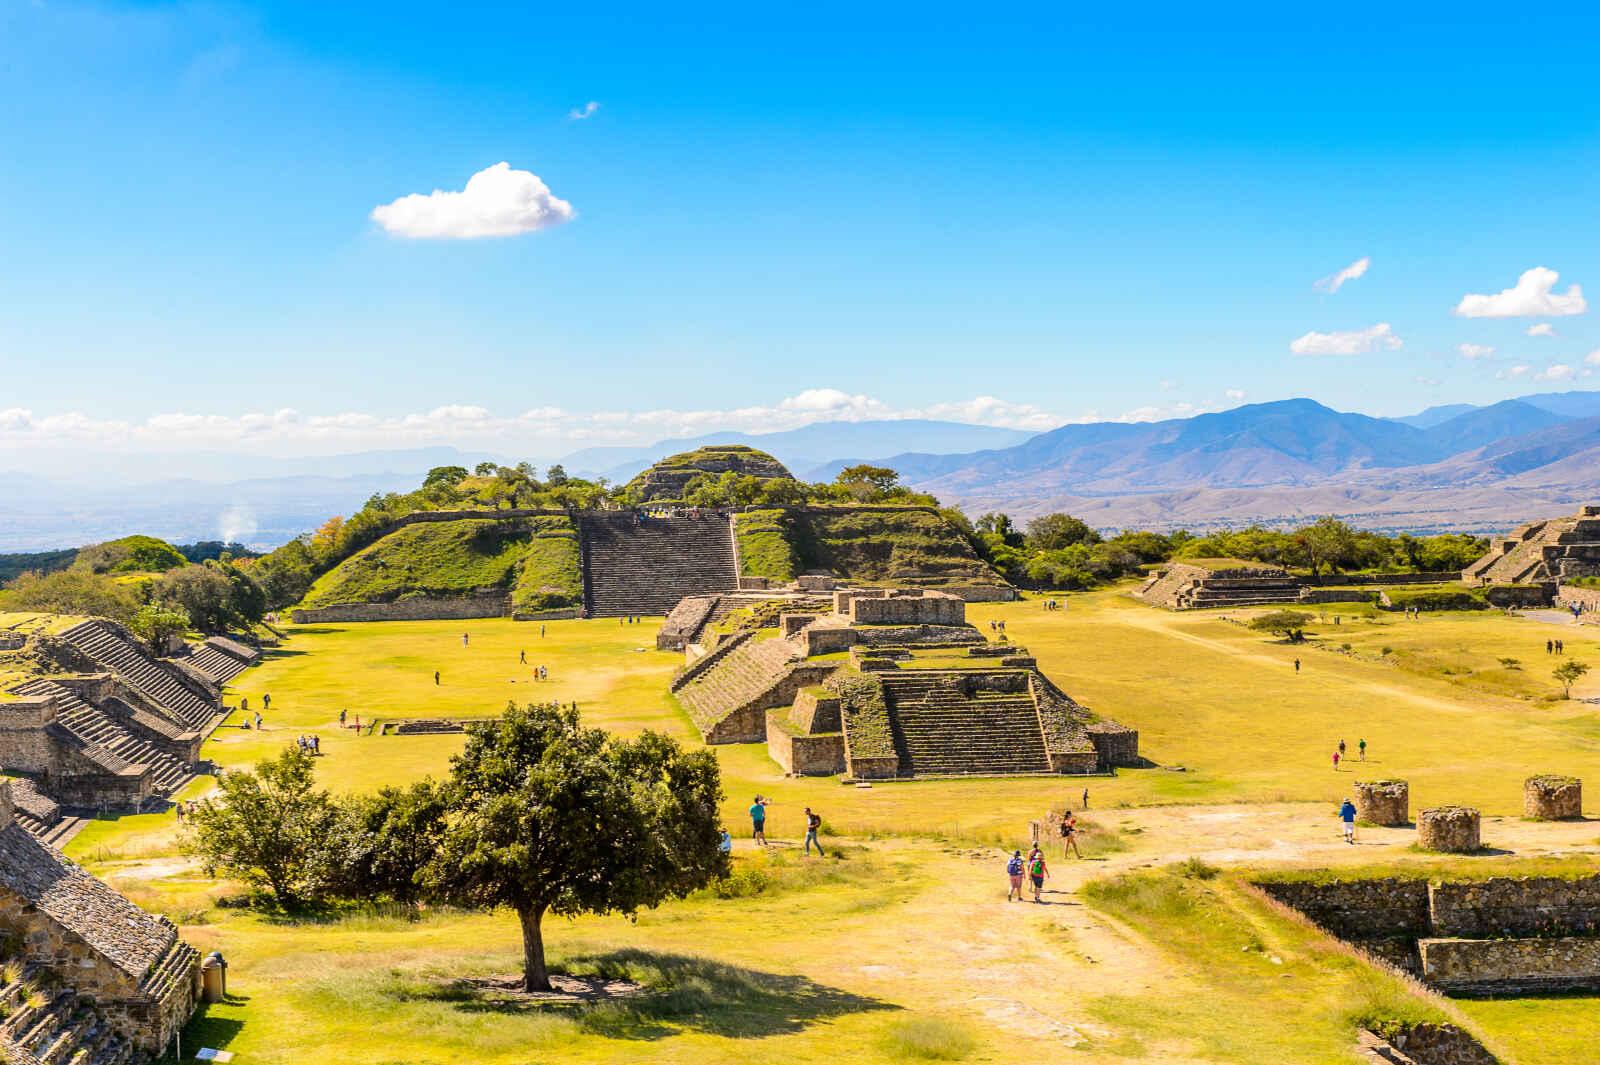 Mexique : Cités dorées du Mexique